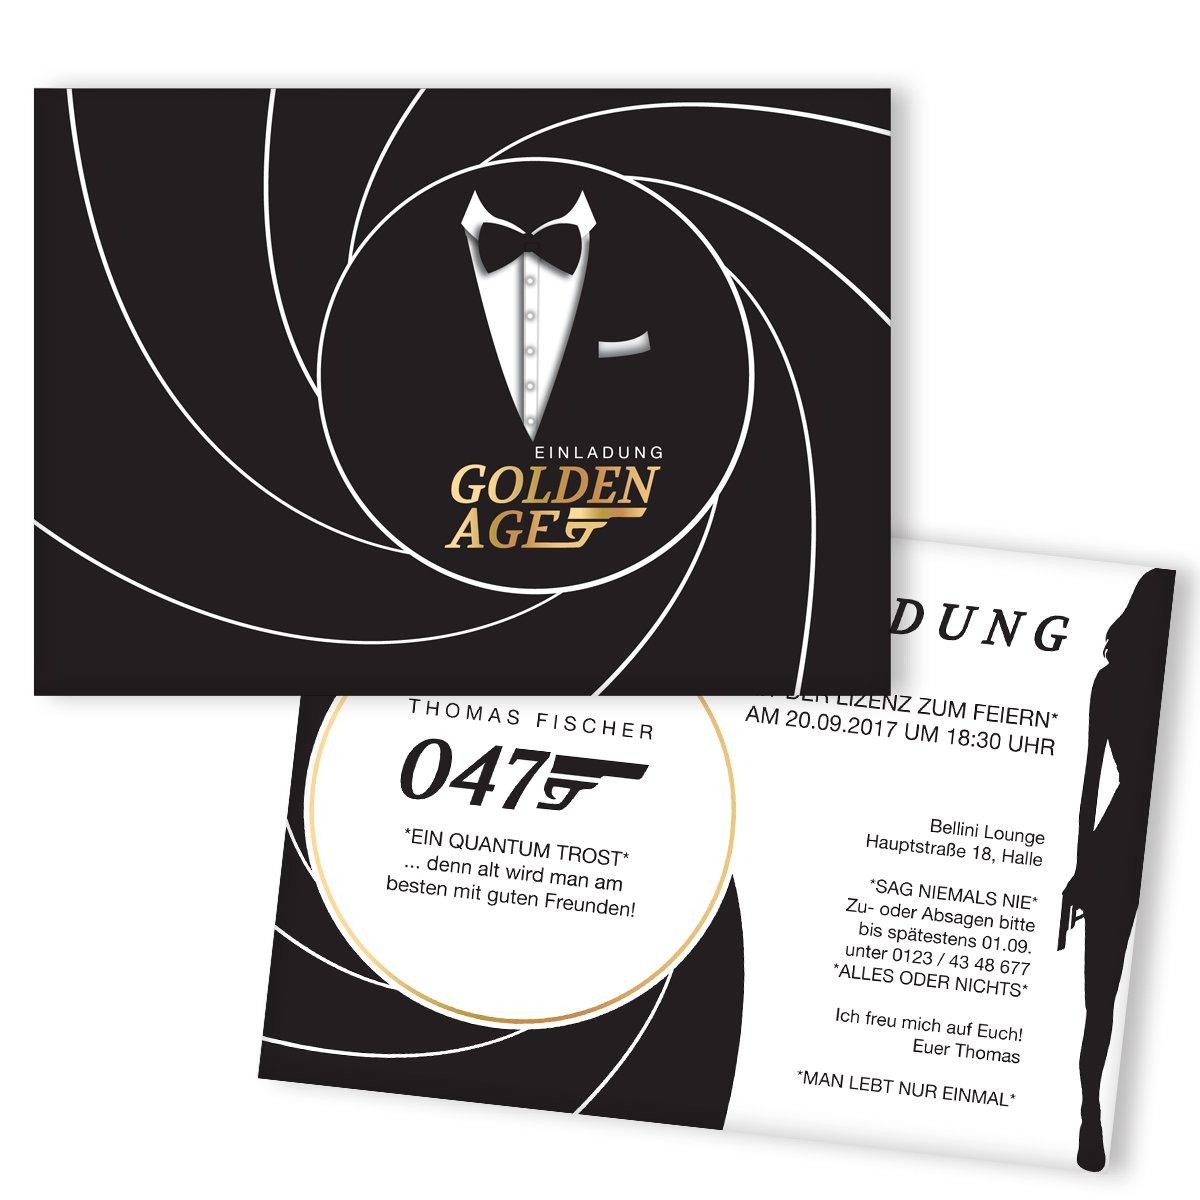 Einladungskarten zum Geburtstag Geheimagent  gestalten   100 Stück   Agent   Lustige Geburtstagseinladungen   Witzige Einladungskarte   Karte Einladung   Inkl. Druck Ihrer persönlichen Texte B0742GT2TX | Perfekt In Verarbeitung  | Queensland